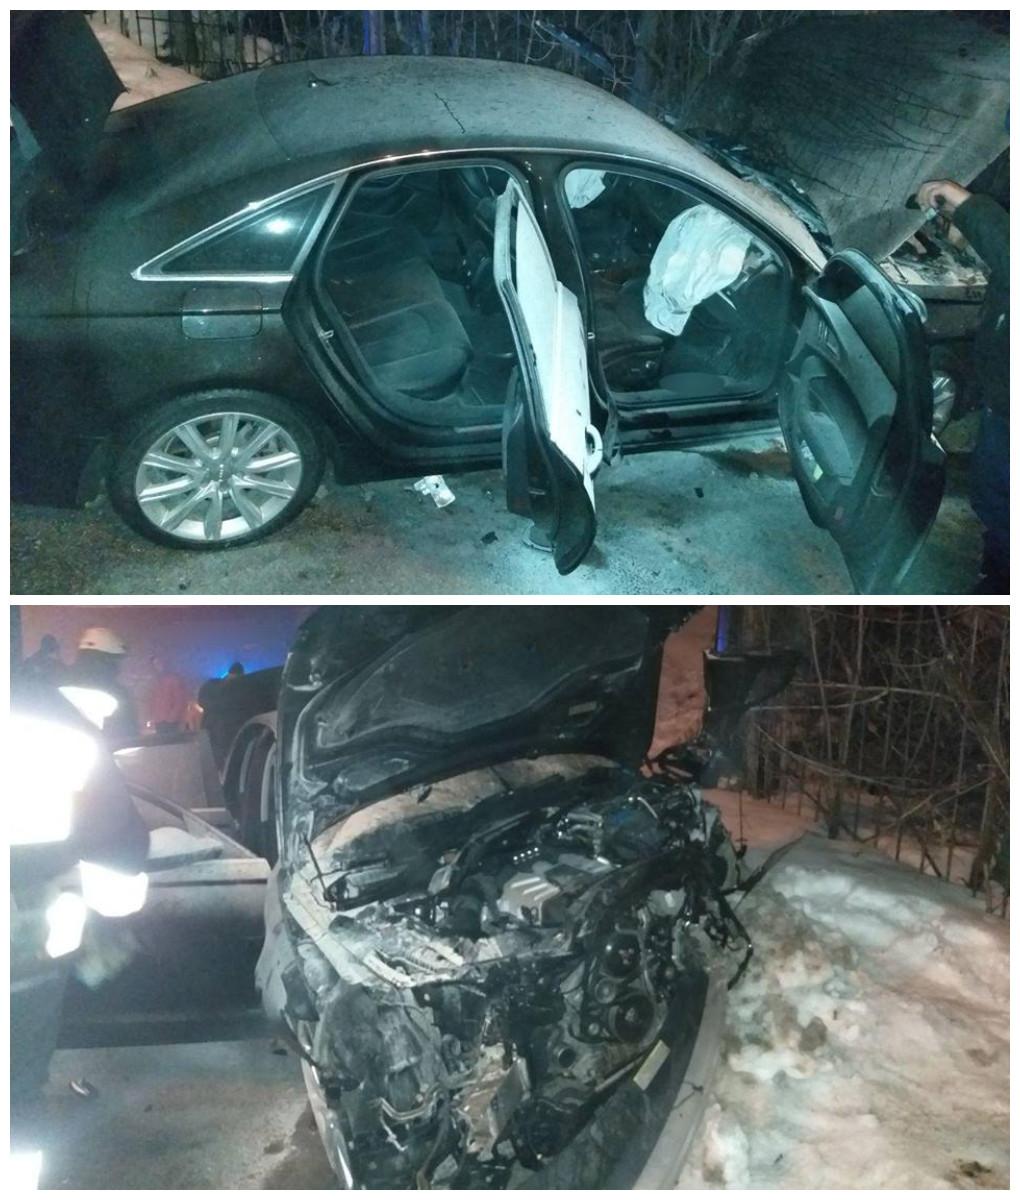 Пьяный водитель въехал в забор - пострадала девушка